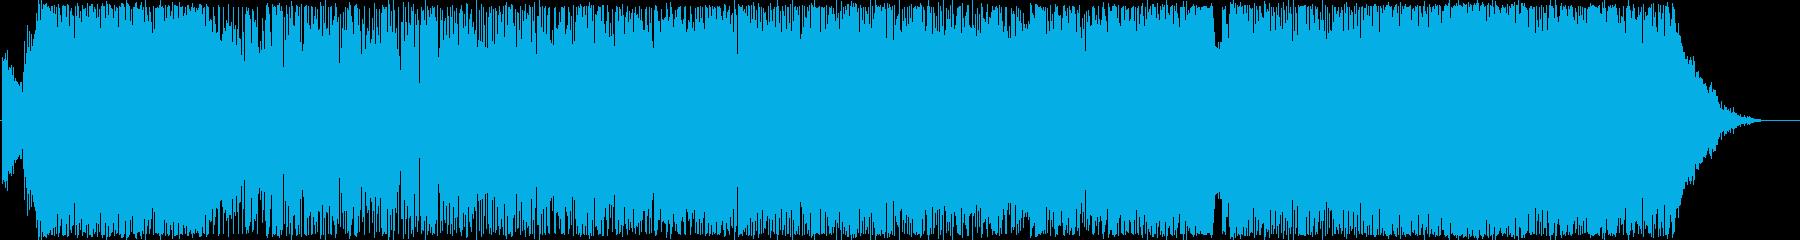 明るく軽快で躍動感のあるポップスの再生済みの波形